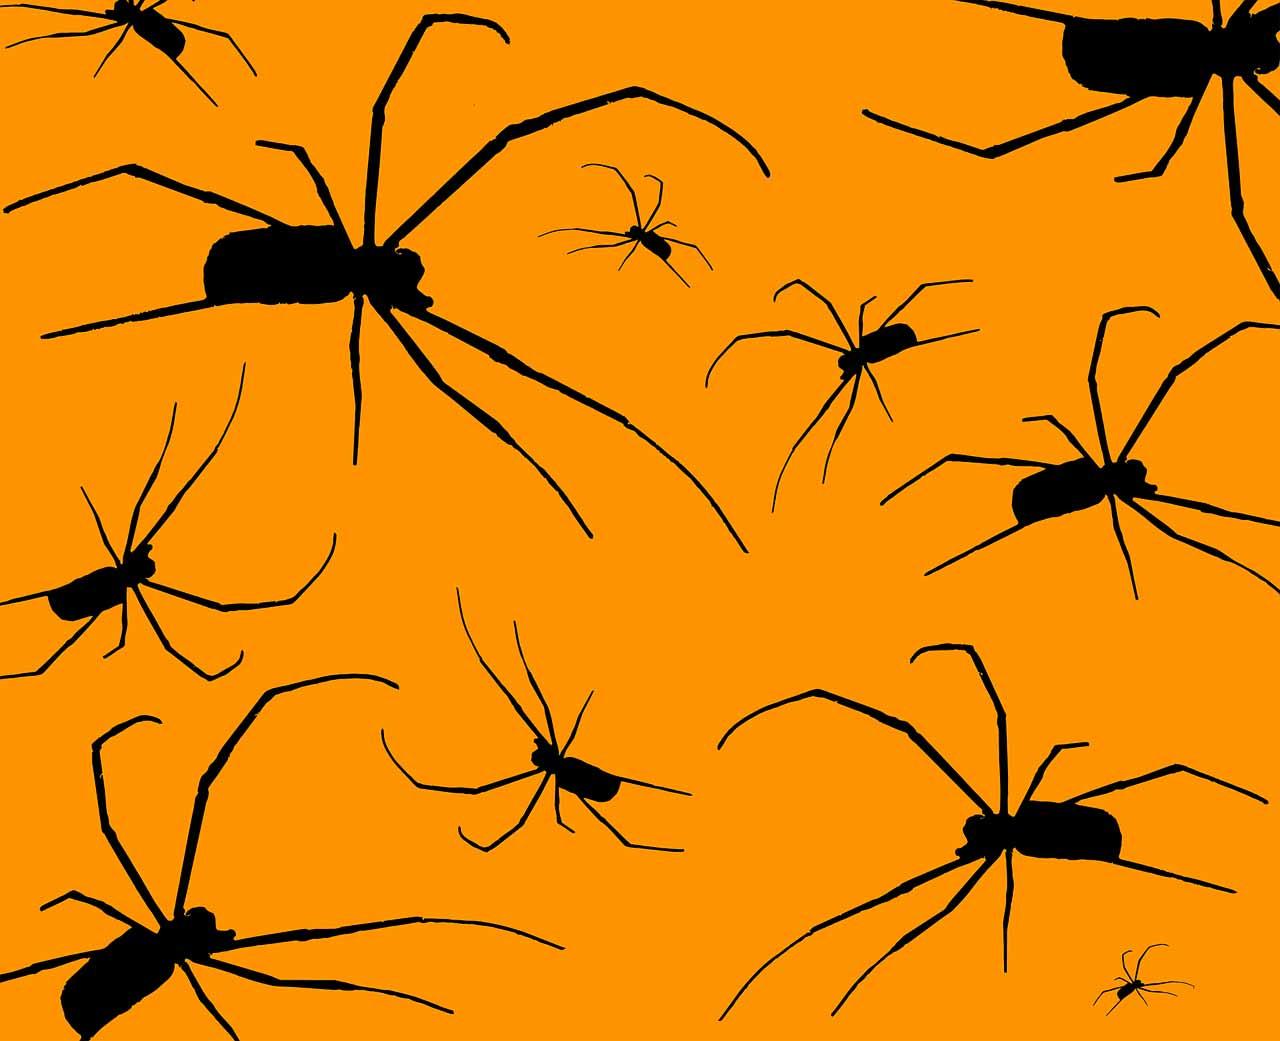 Des araignées en illustration